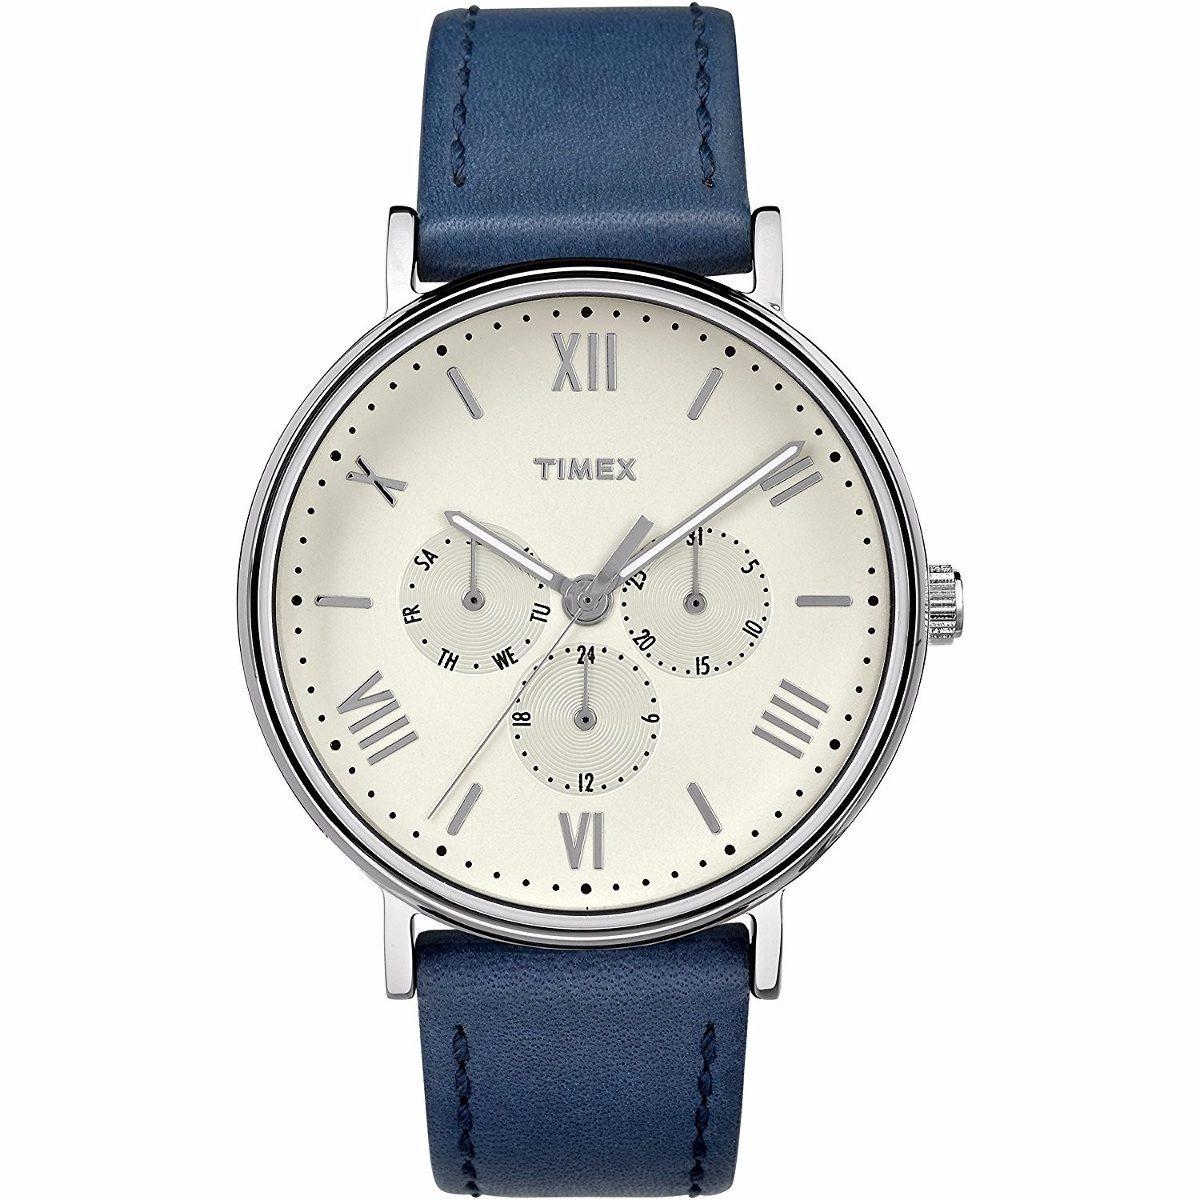 dc8f71441128 reloj timex tw2r29200 100% original para caballero. Cargando zoom.